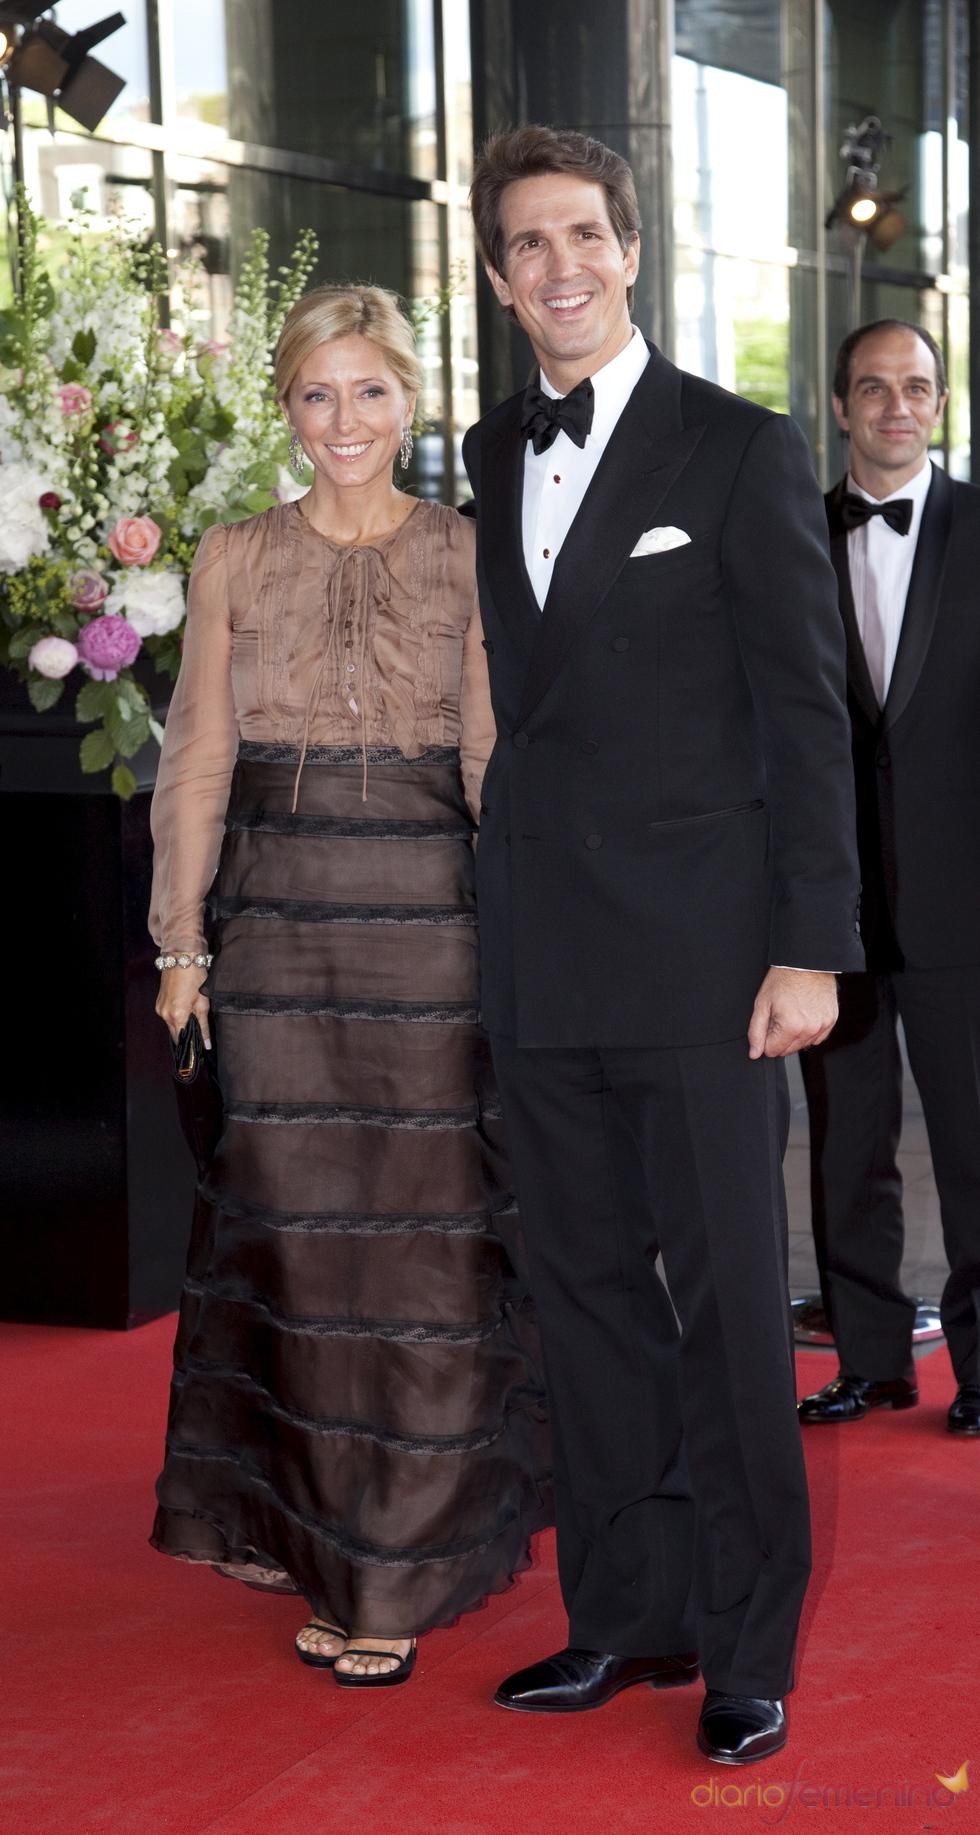 Los príncipes Pavlos y Marie Chantal de Grecia en el cumpleaños de Máxima de Holanda